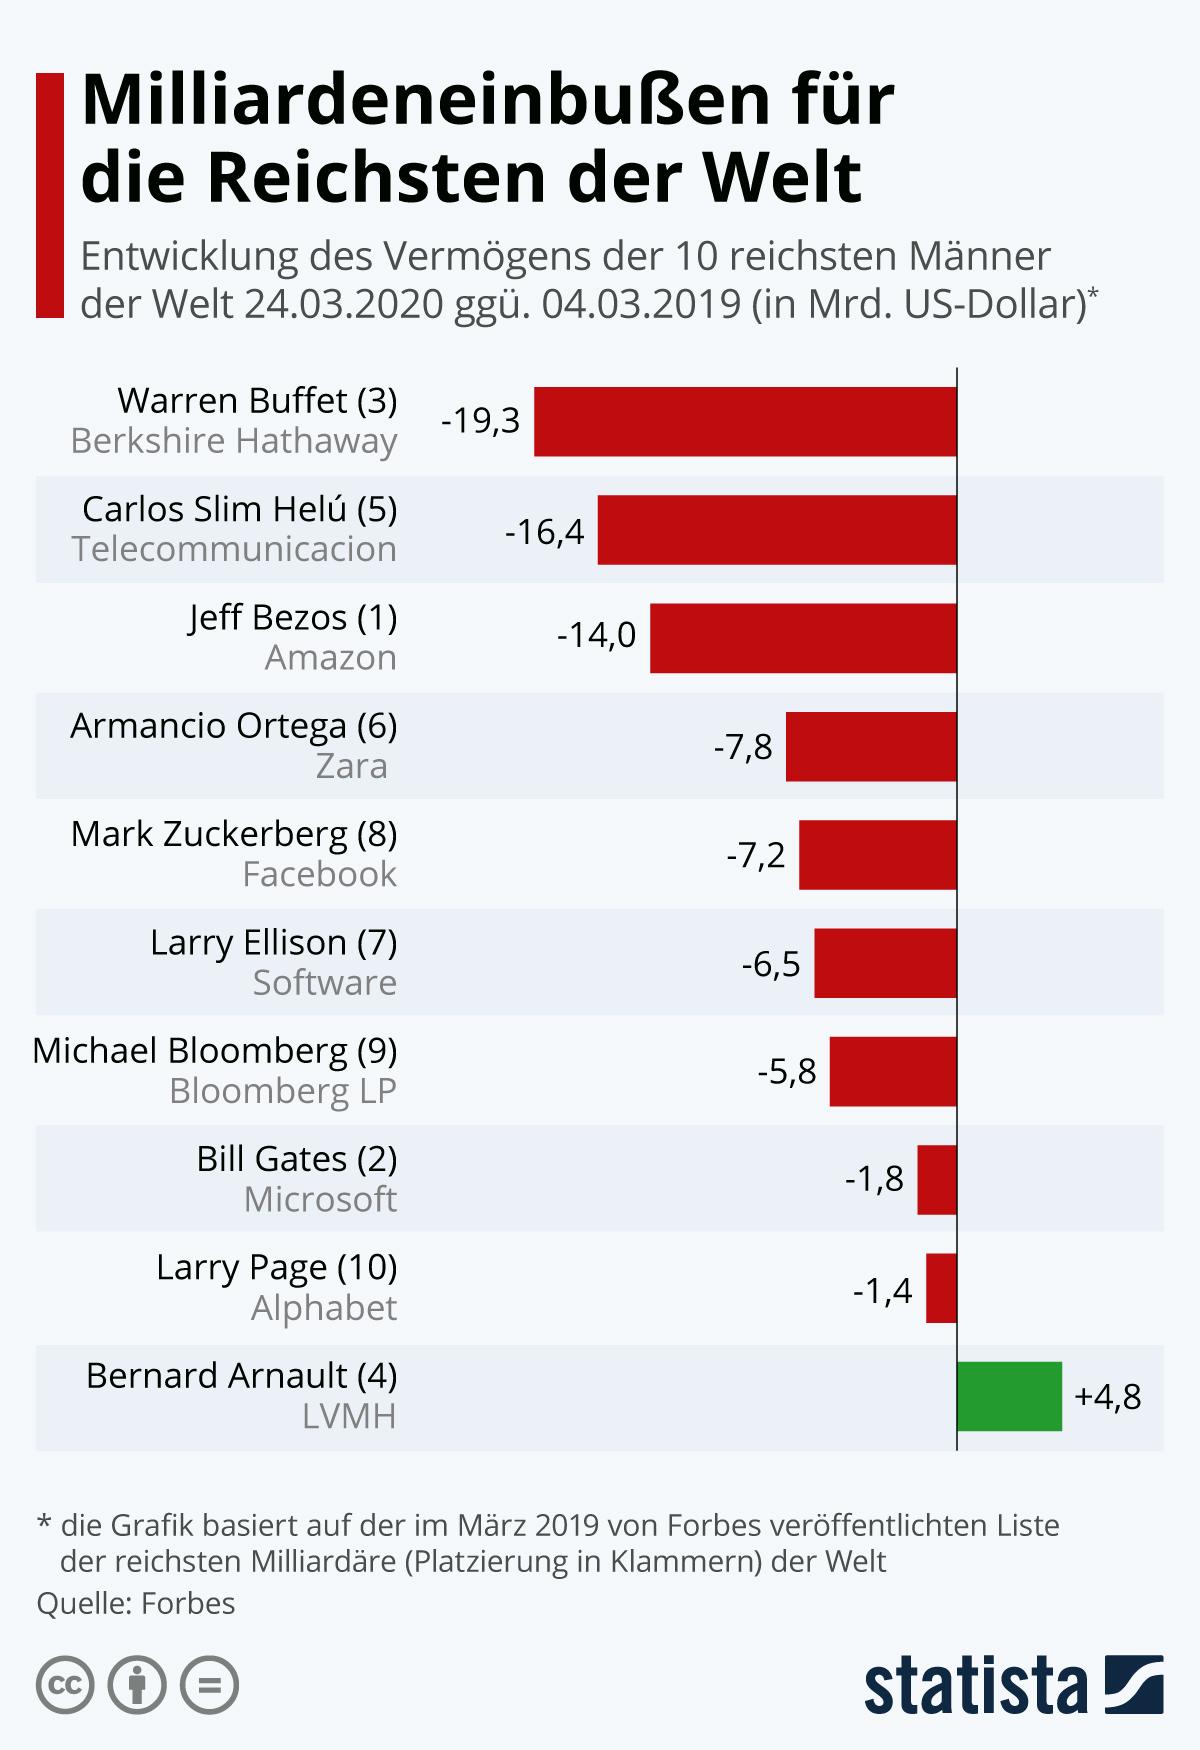 Infografik: Milliardeneinbußen für die Reichsten der Welt | Statista